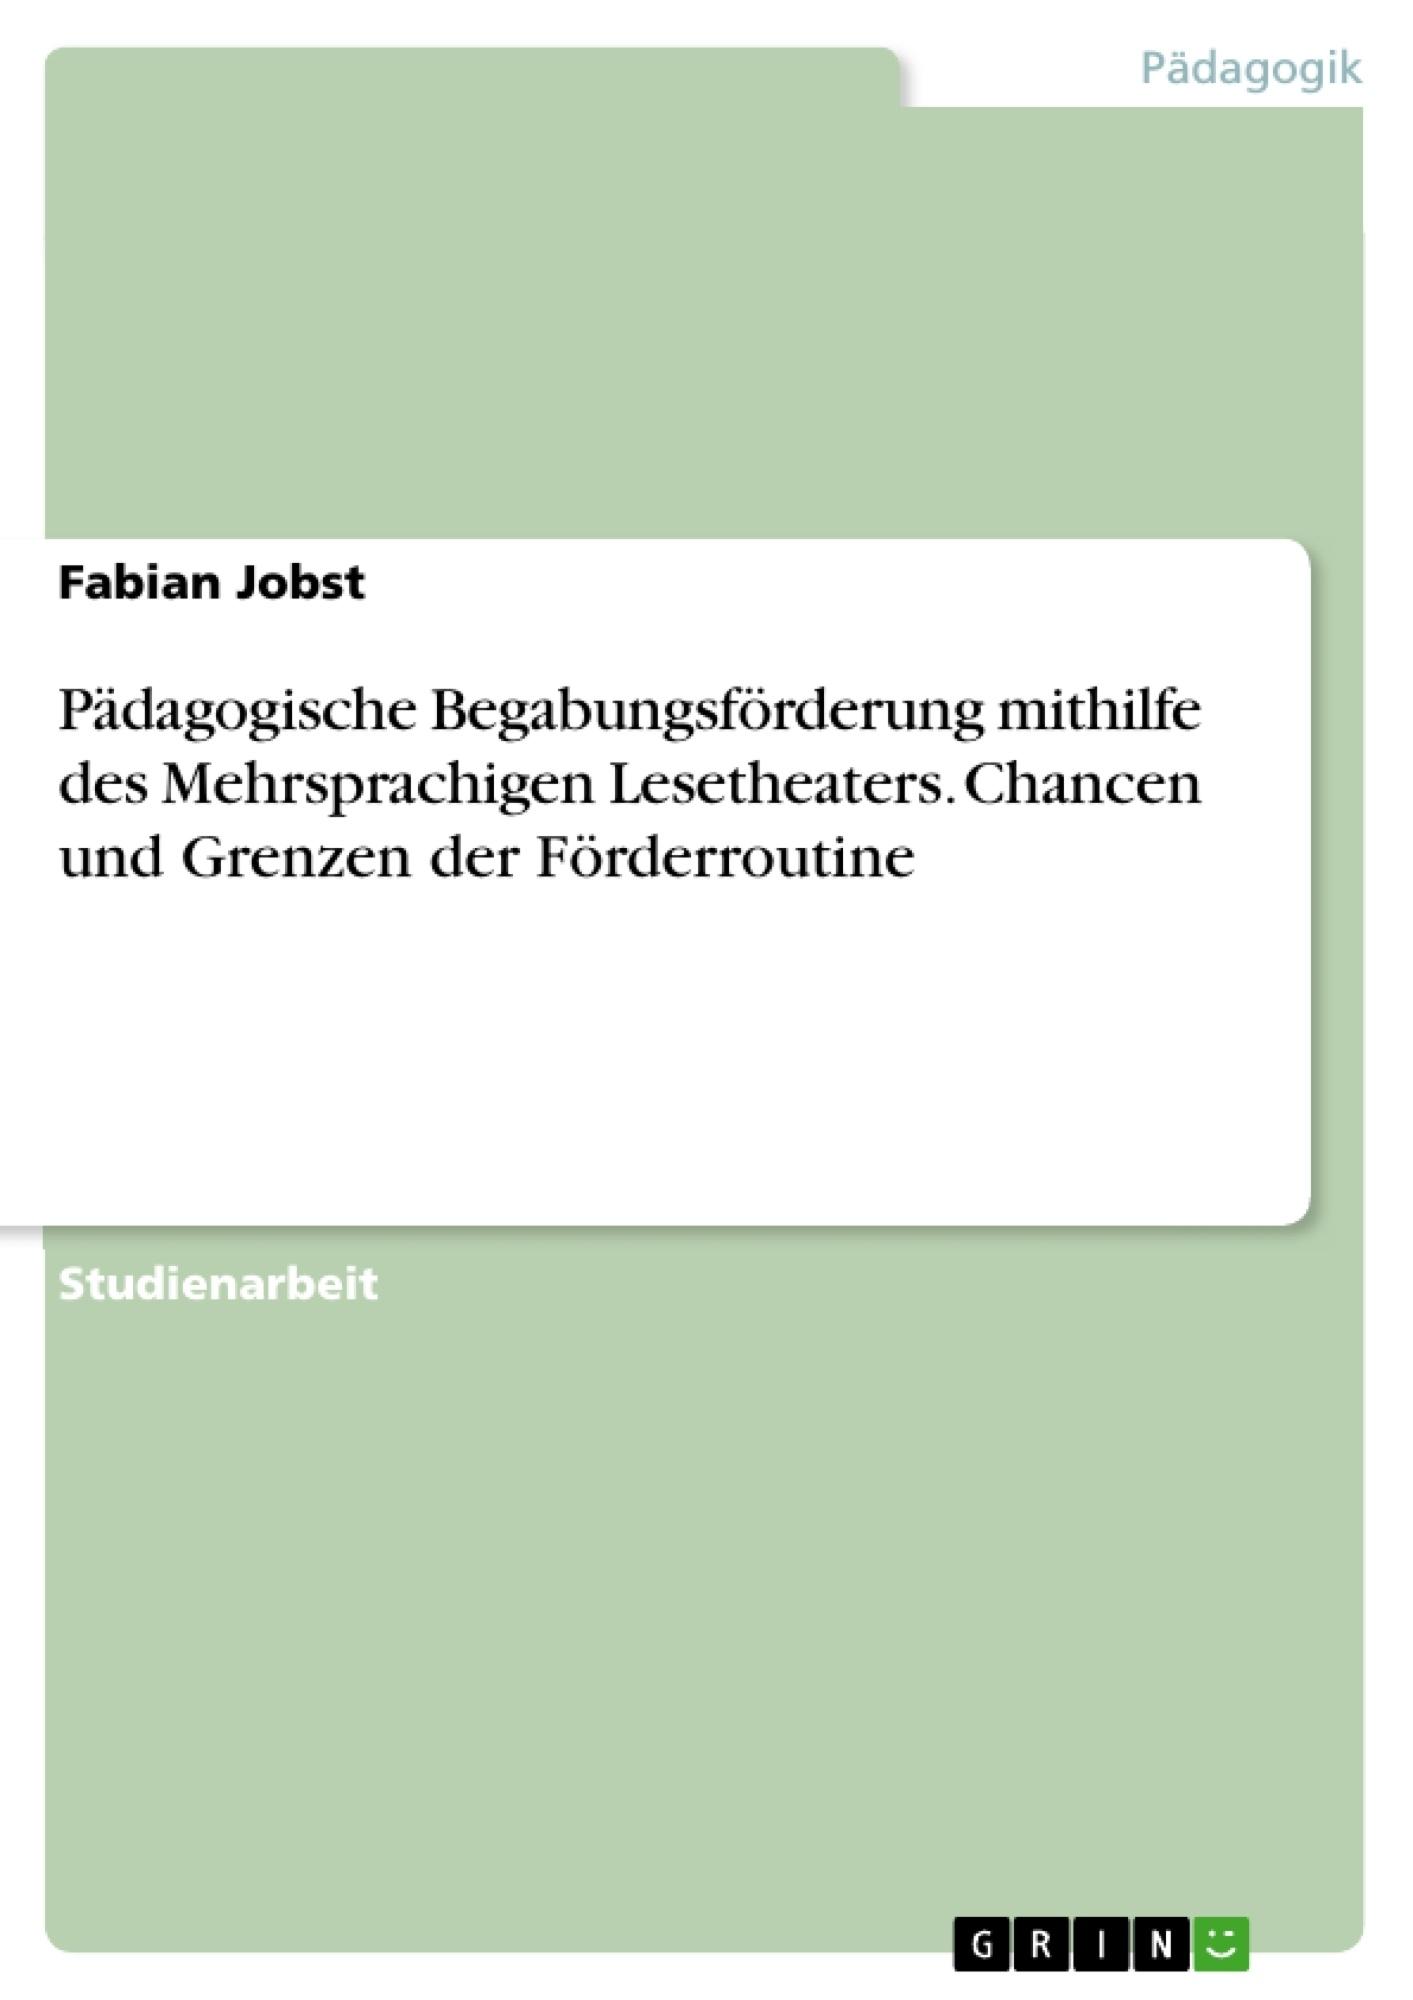 Titel: Pädagogische Begabungsförderung mithilfe des Mehrsprachigen Lesetheaters. Chancen und Grenzen der Förderroutine